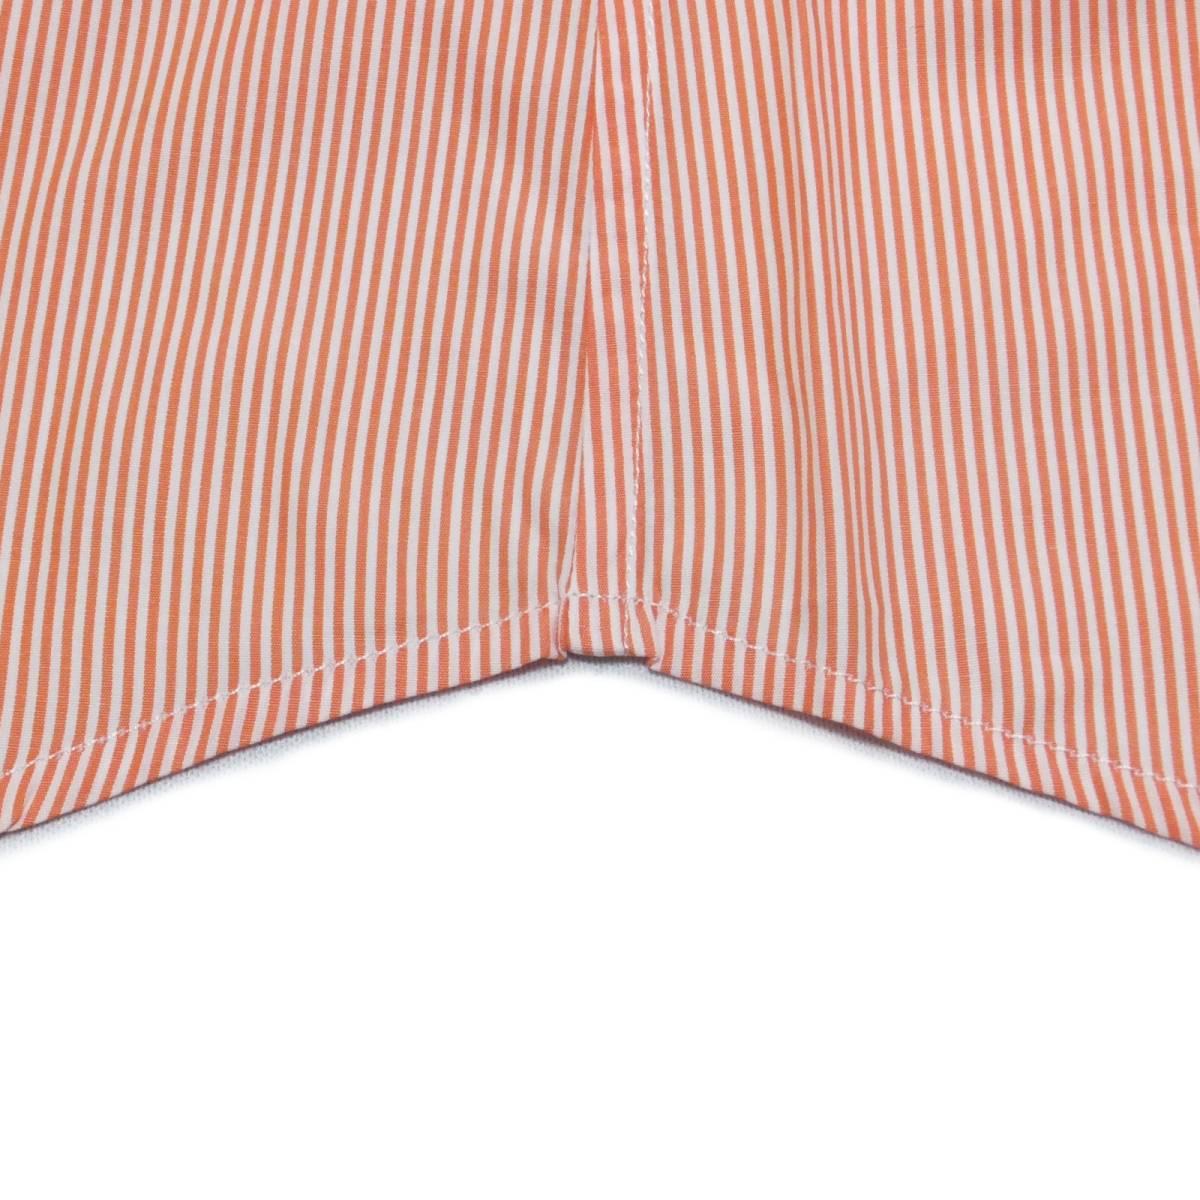 [dickson]サイズ38:ドレスシャツ メンズ 白xオレンジのヘアラインストライプ 長袖 コットン ワイシャツ Canclini_画像7